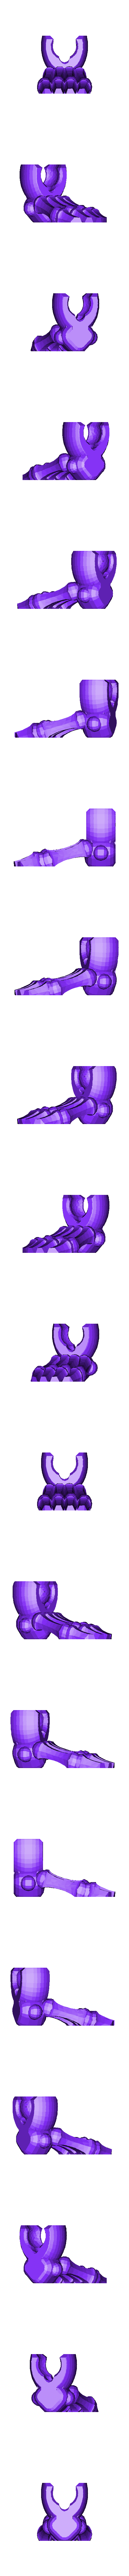 pie.stl Télécharger fichier STL gratuit ossature • Design imprimable en 3D, brayanrosas94